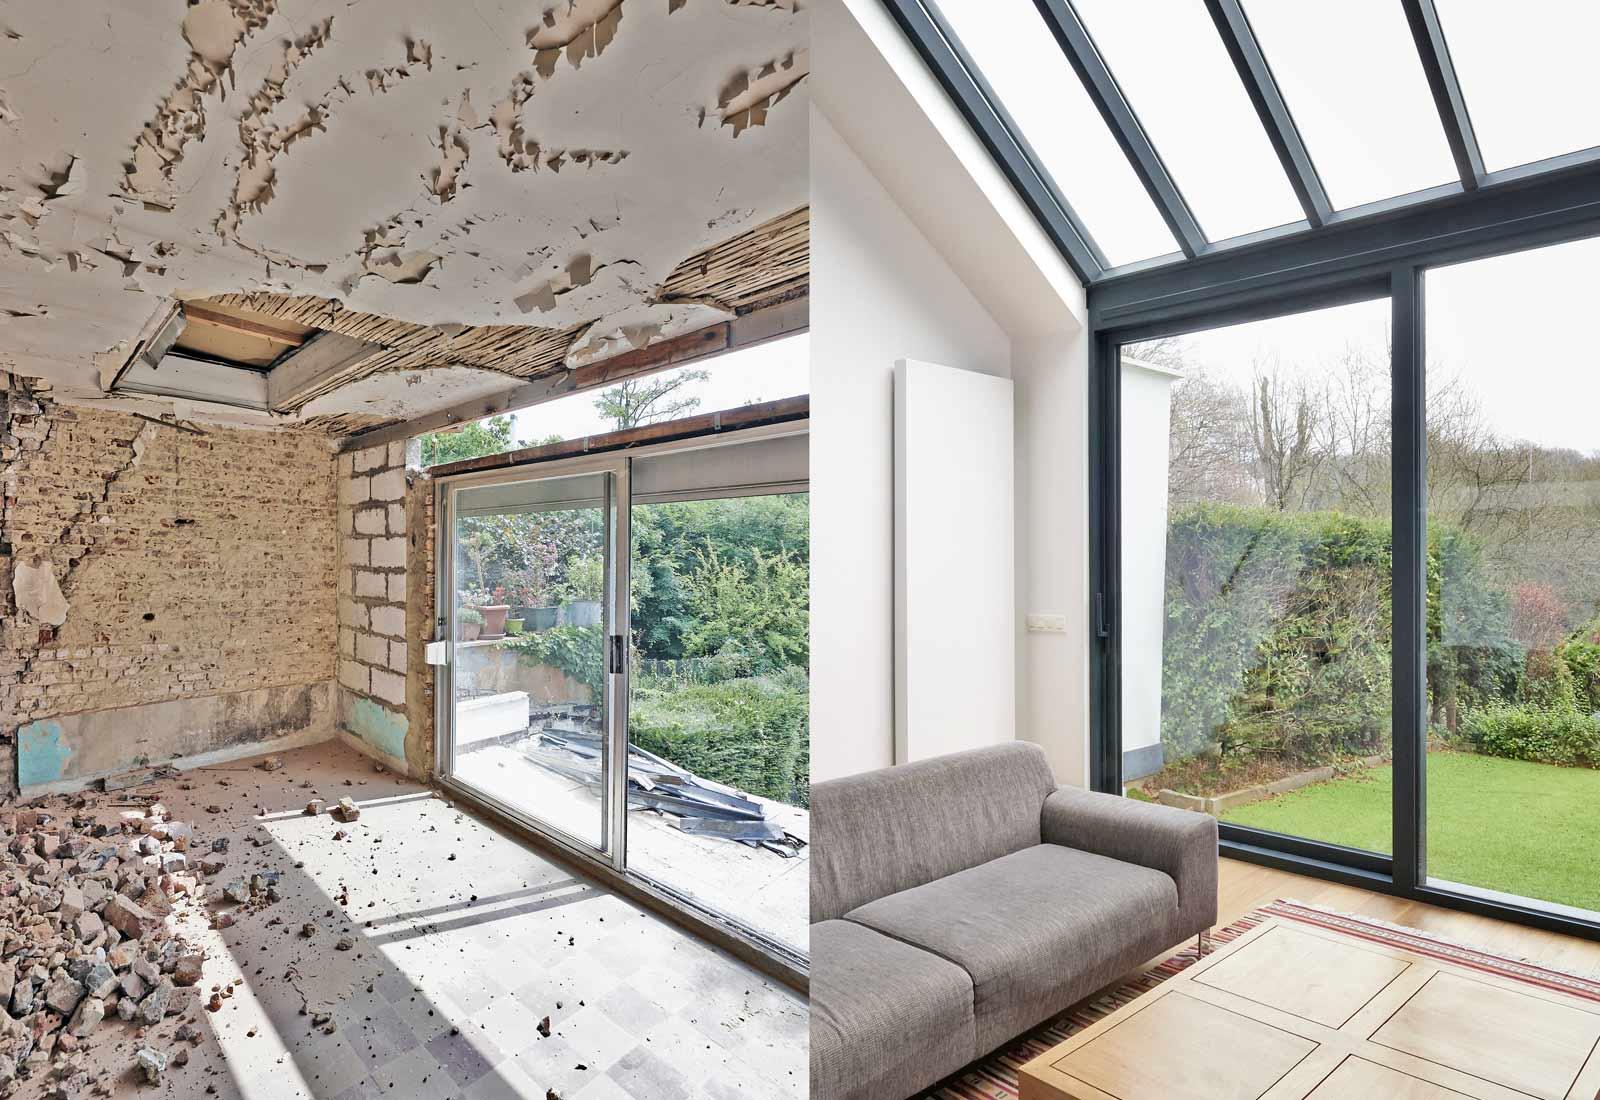 Travaux de r novation am nagement projet de r novation budget prix co t devis - Photo de renovation de maison ...